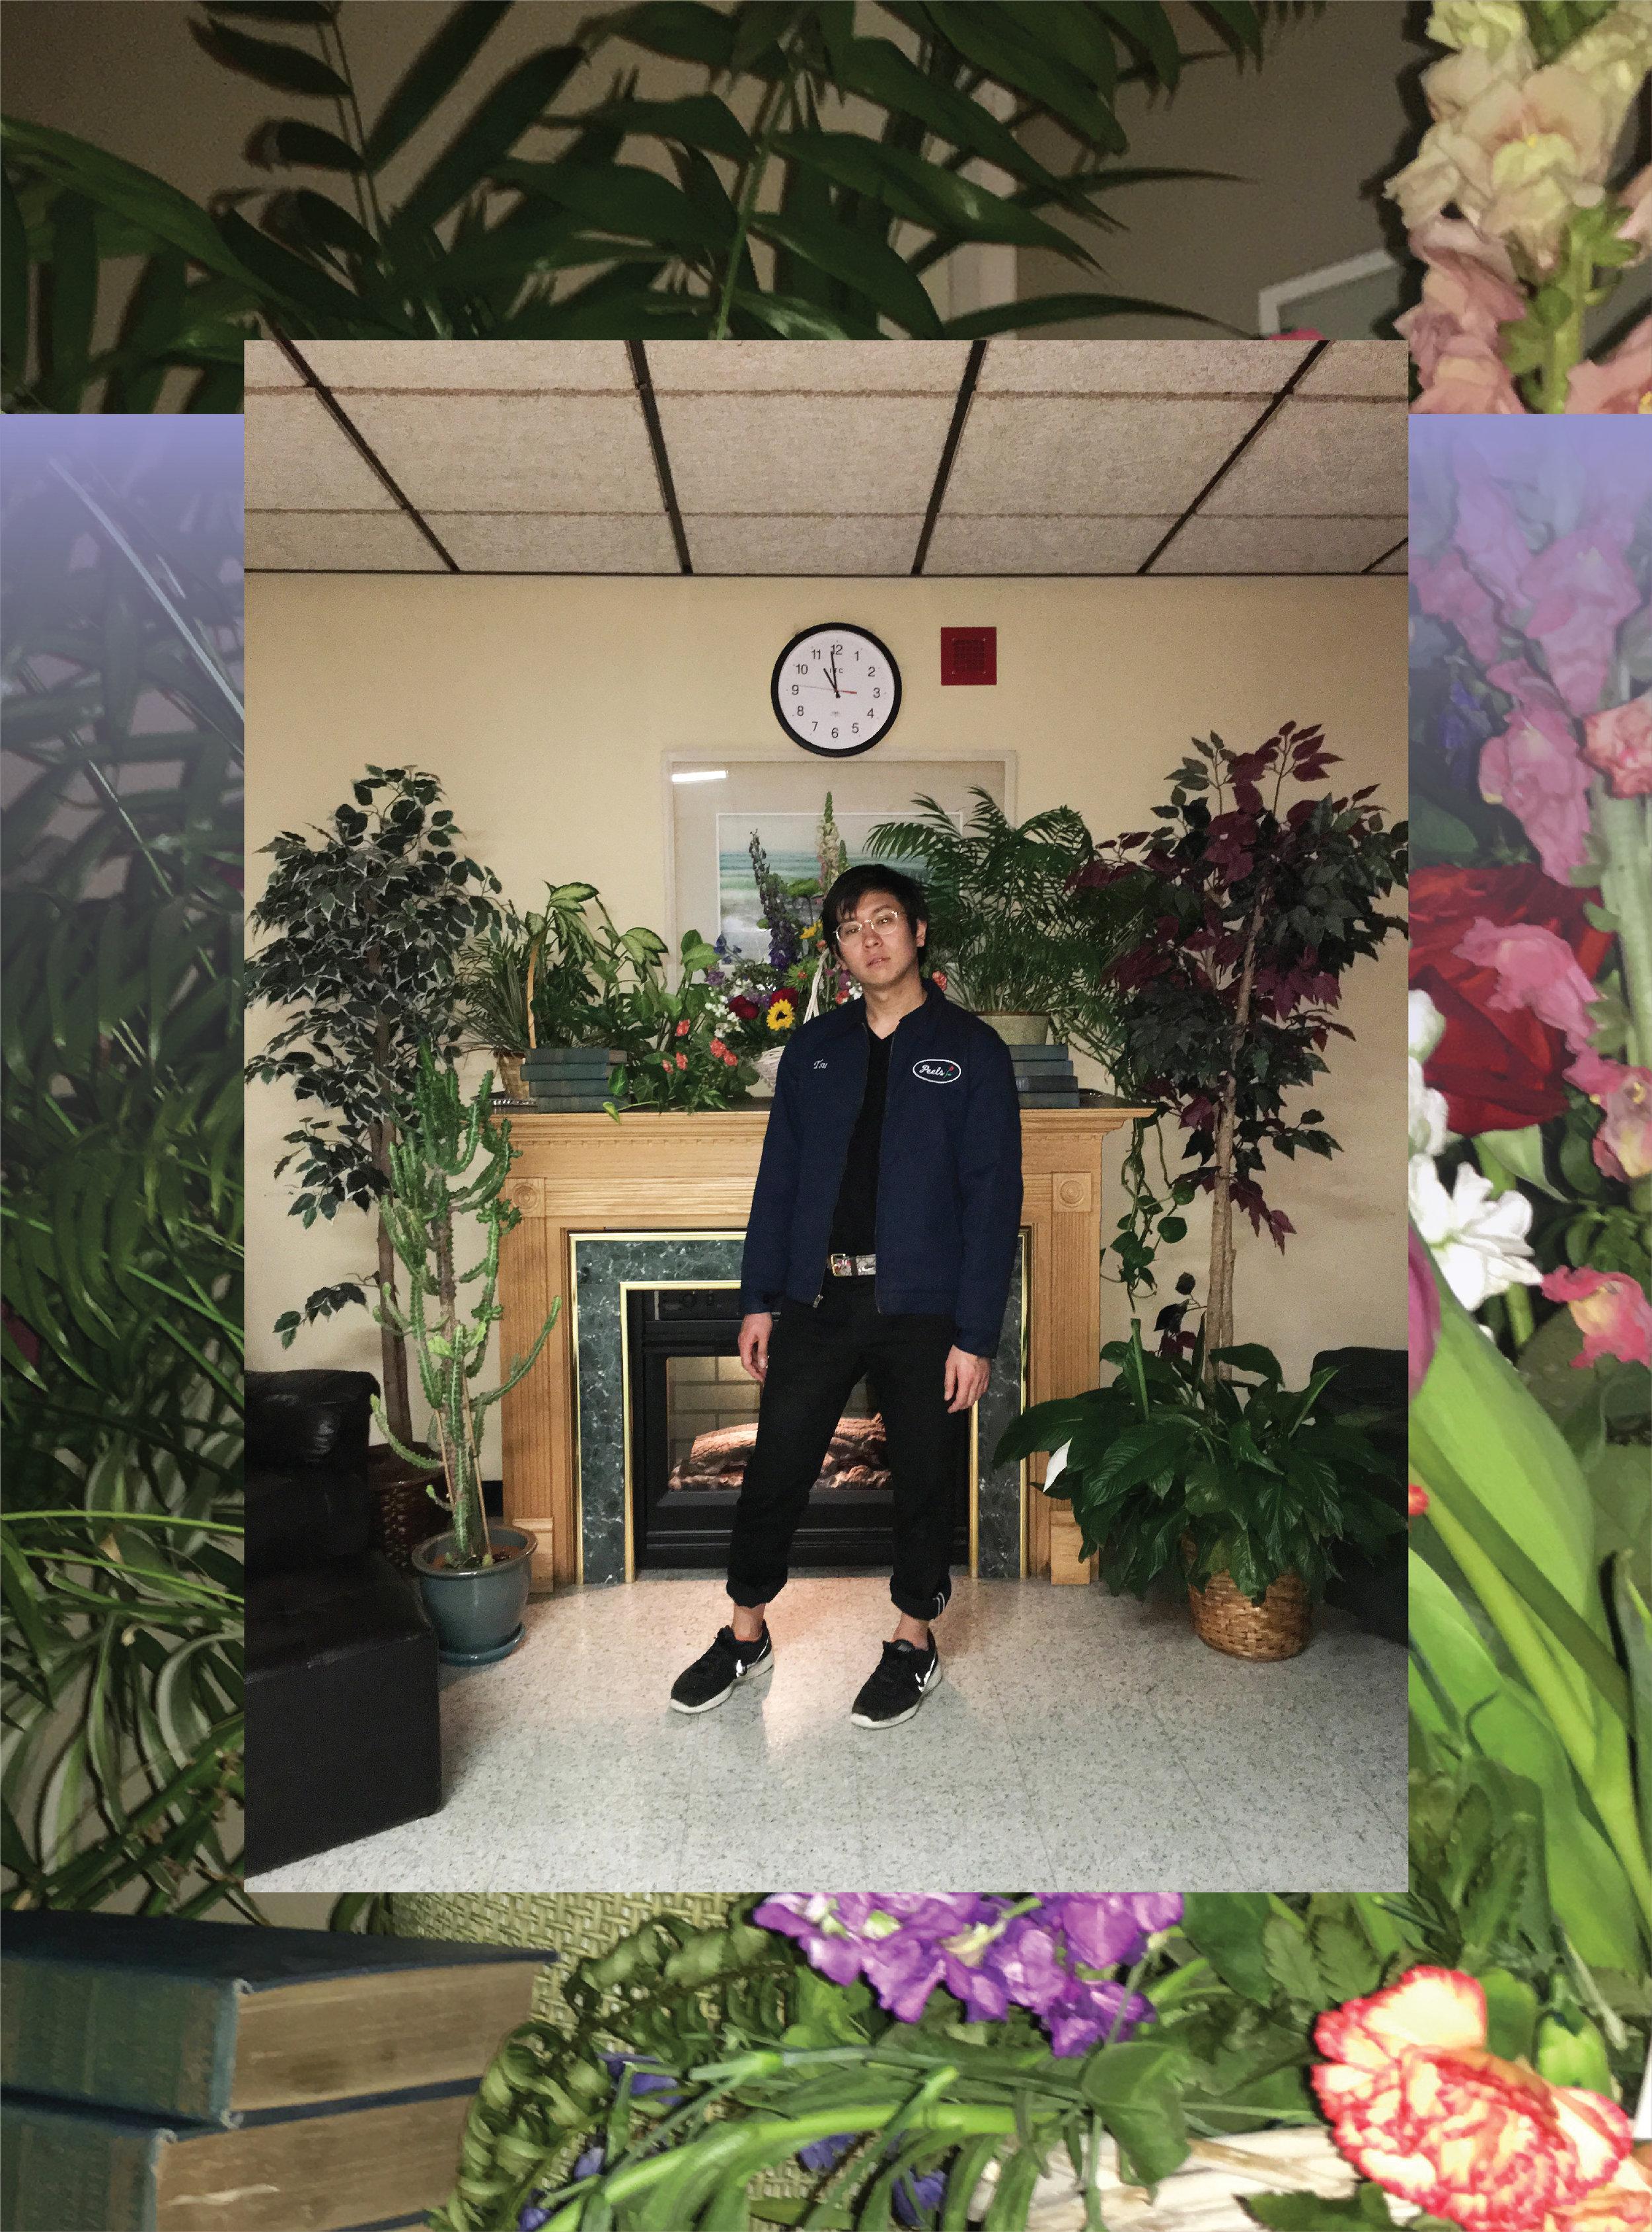 tsu in garden-07-07.jpg